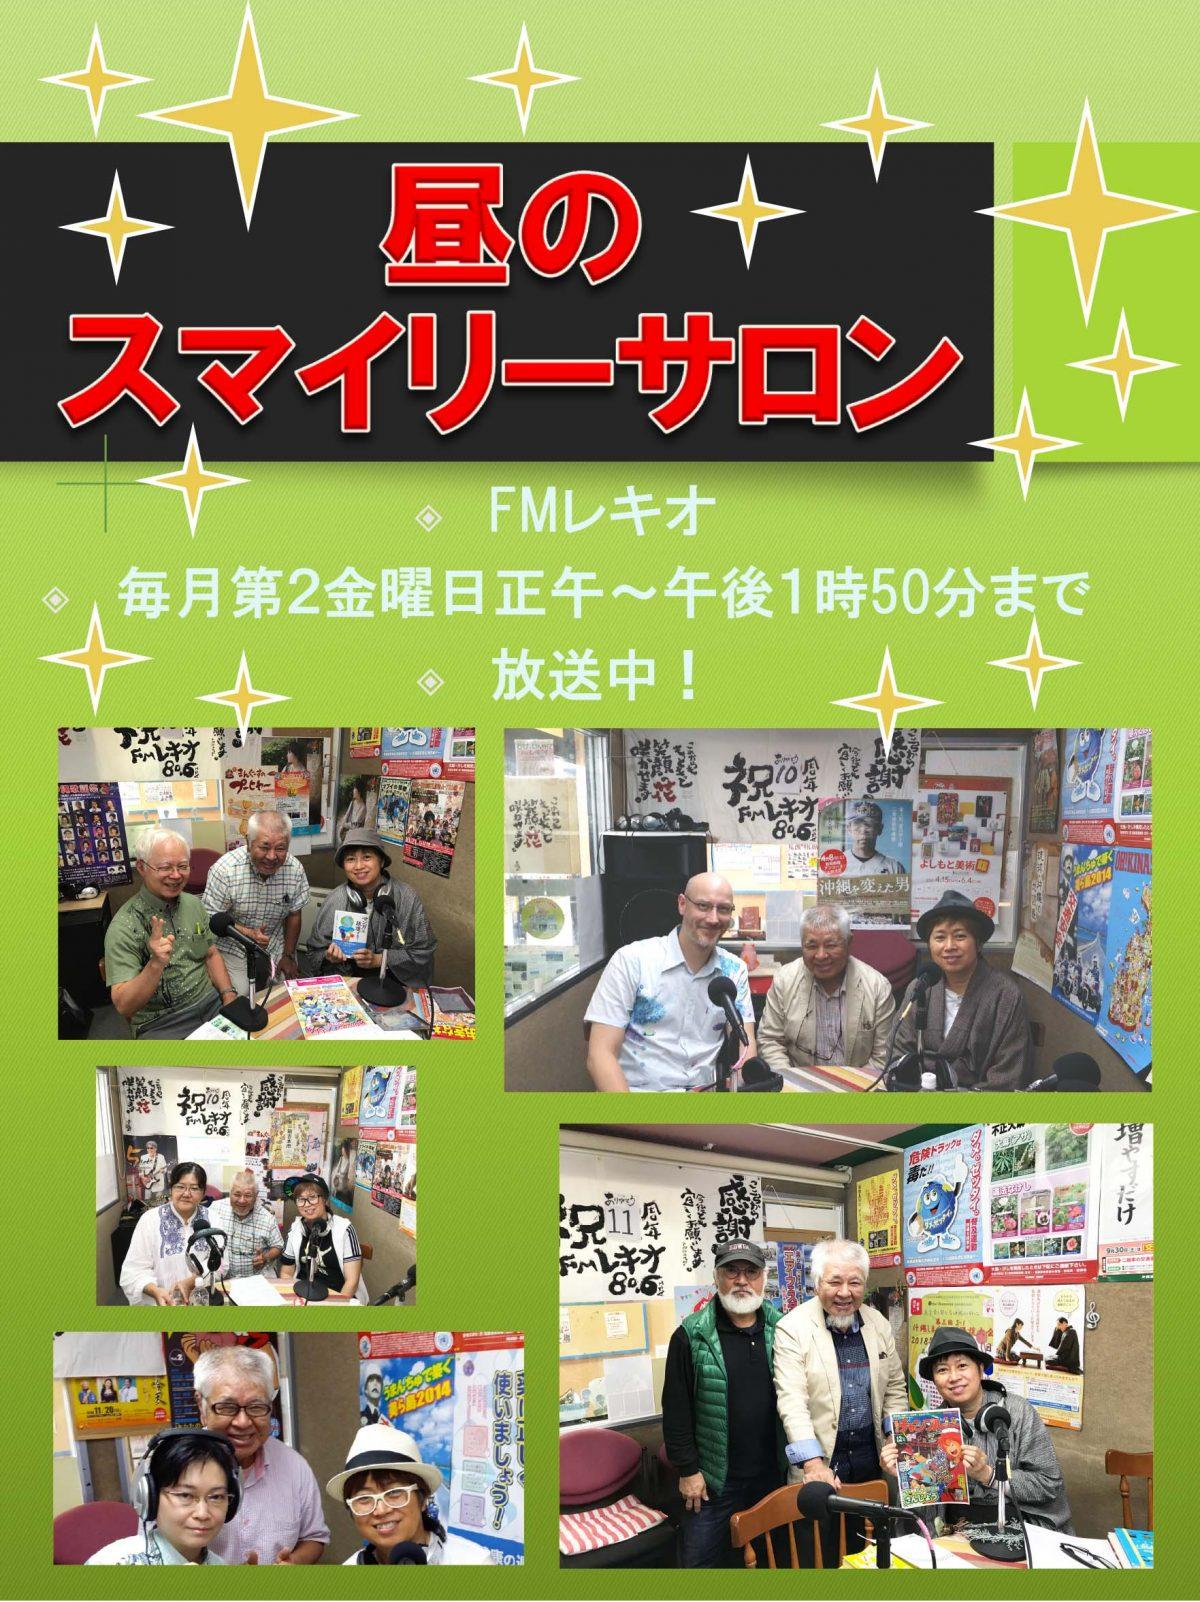 1月11日(金)『昼のスマイリーサロン』今回は沖縄のマンガ研究者である大城先生が登場!